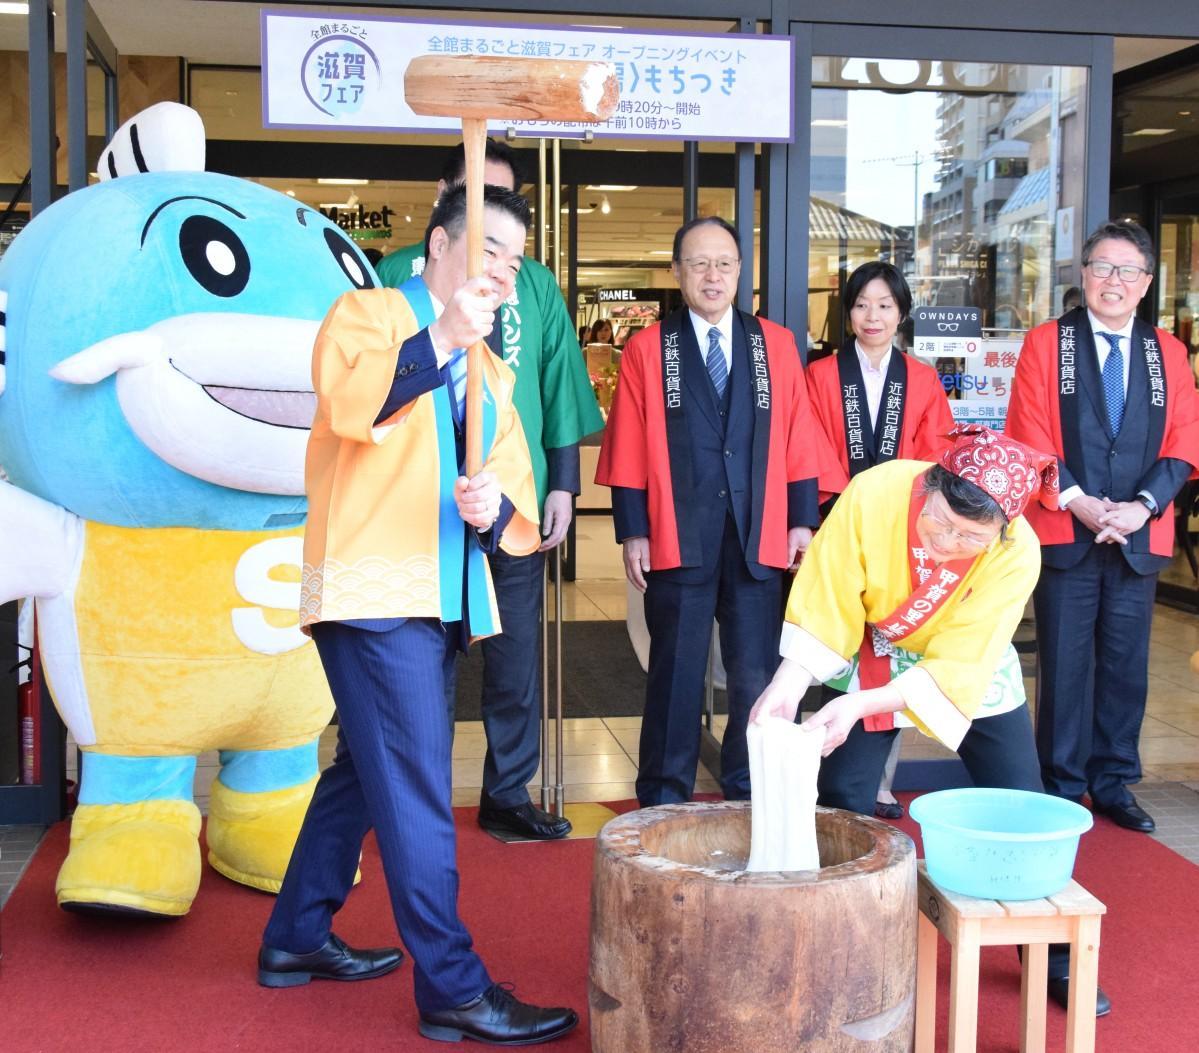 オープニングセレモニーで餅つきをする三日月大造滋賀県知事